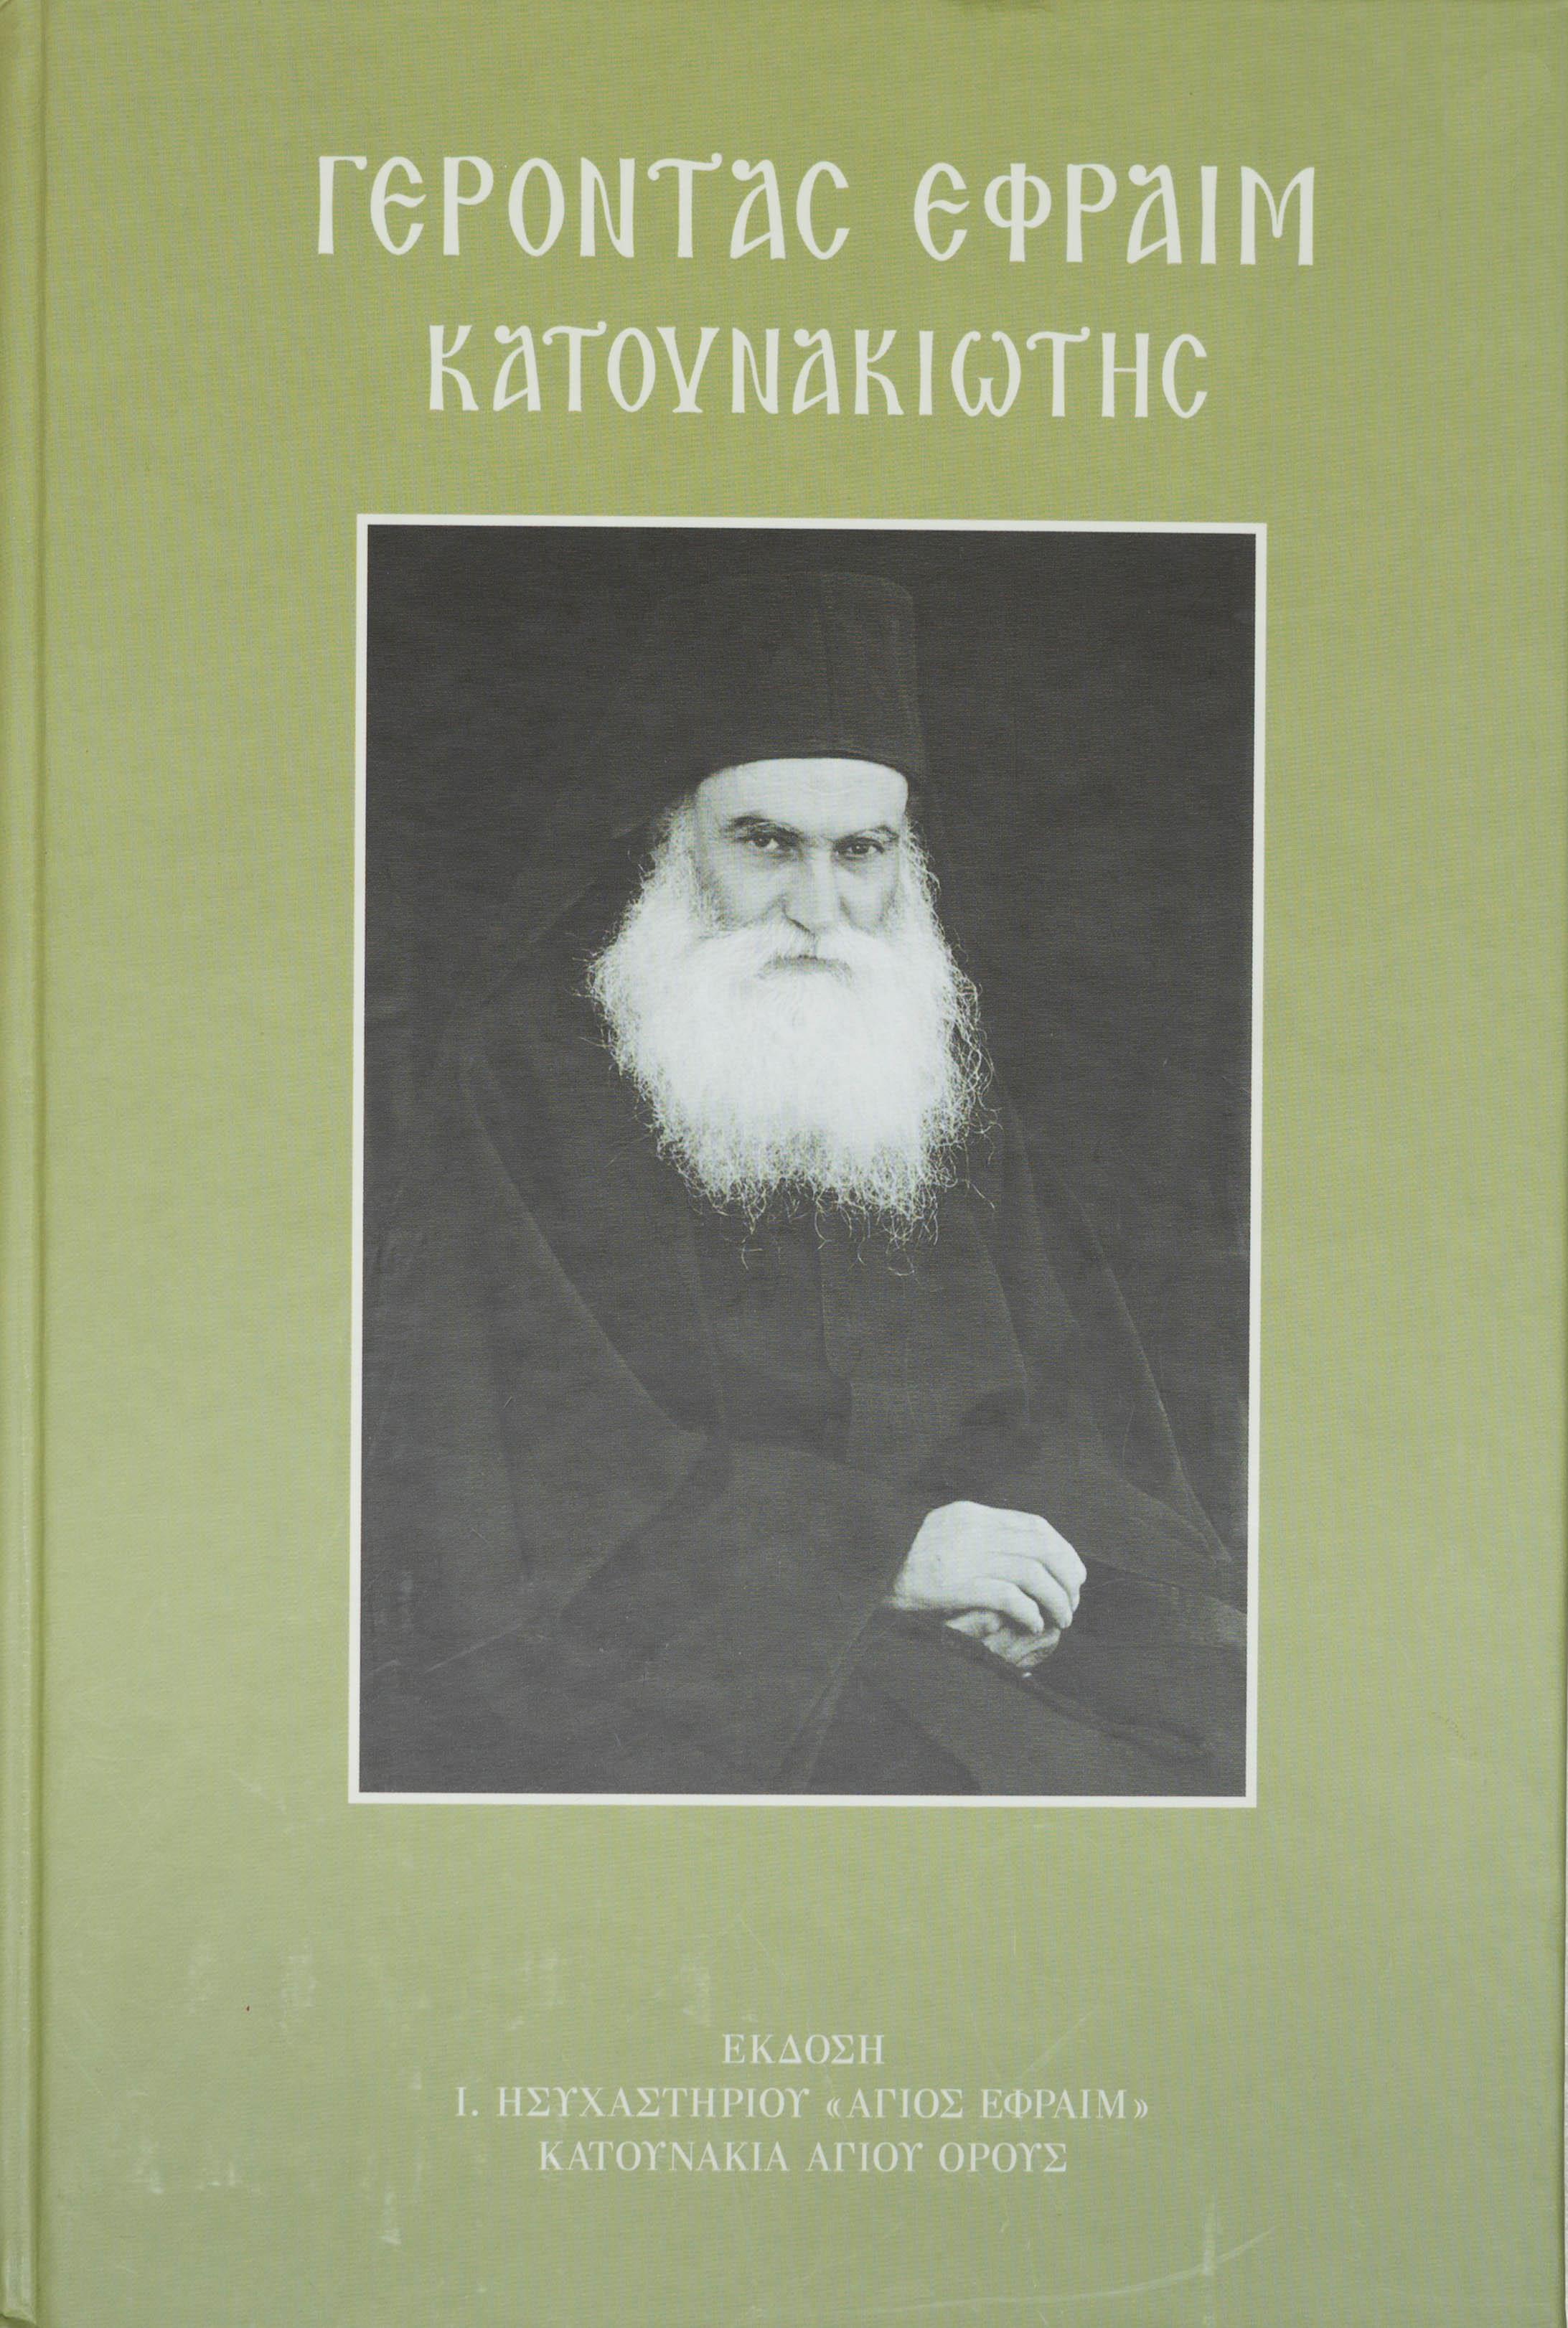 Γέροντας Εφραίμ Κατουνακιώτης – Elder Ephraim of Katounakia